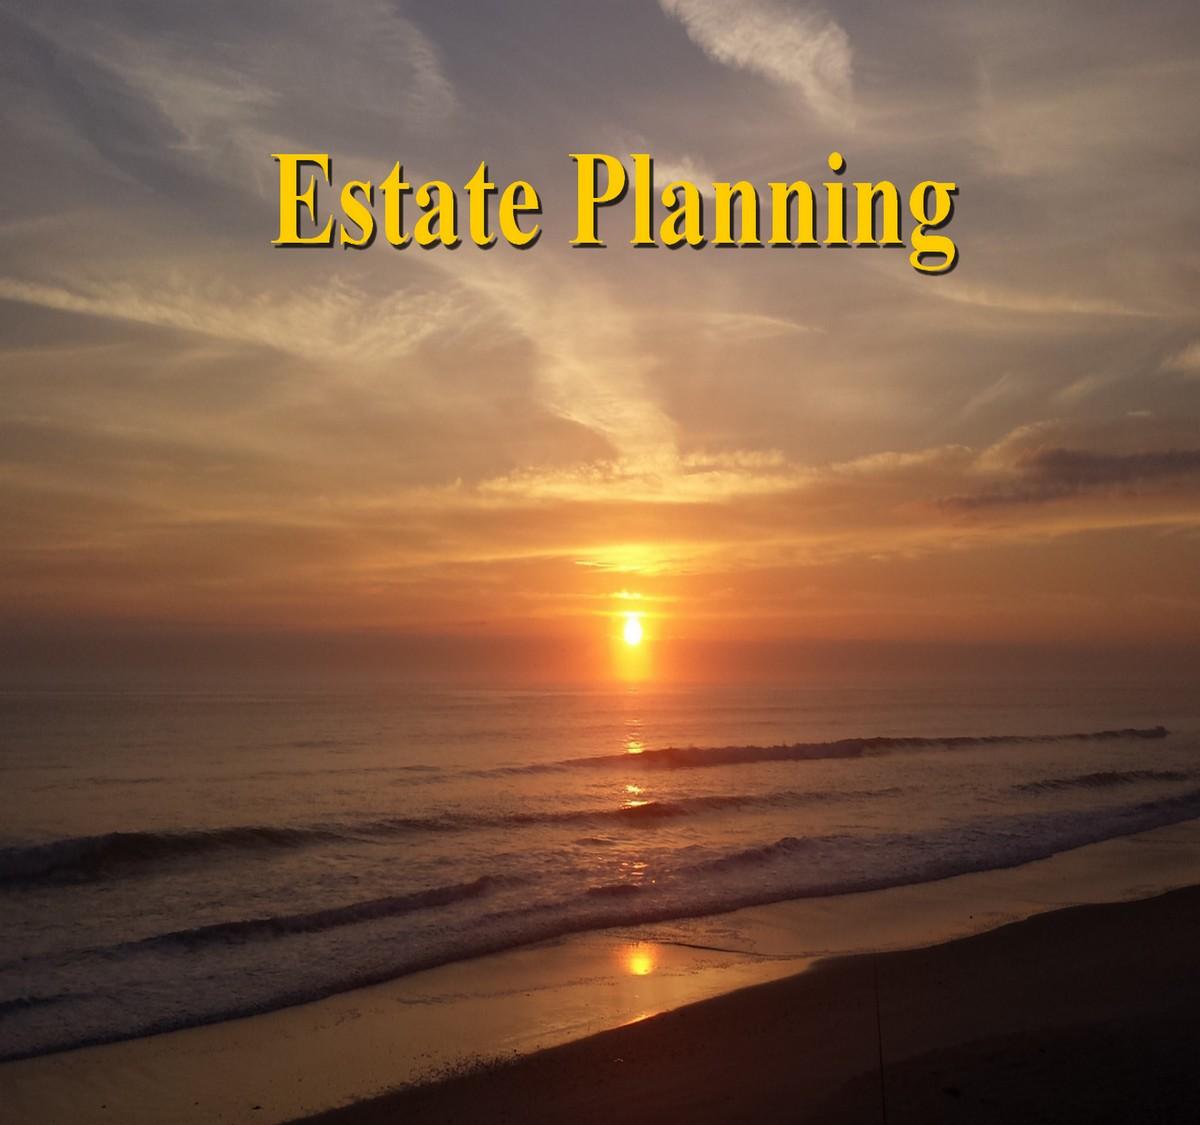 Estate Planning: Probate Attorney 32937 │ Satellite Beach, Florida